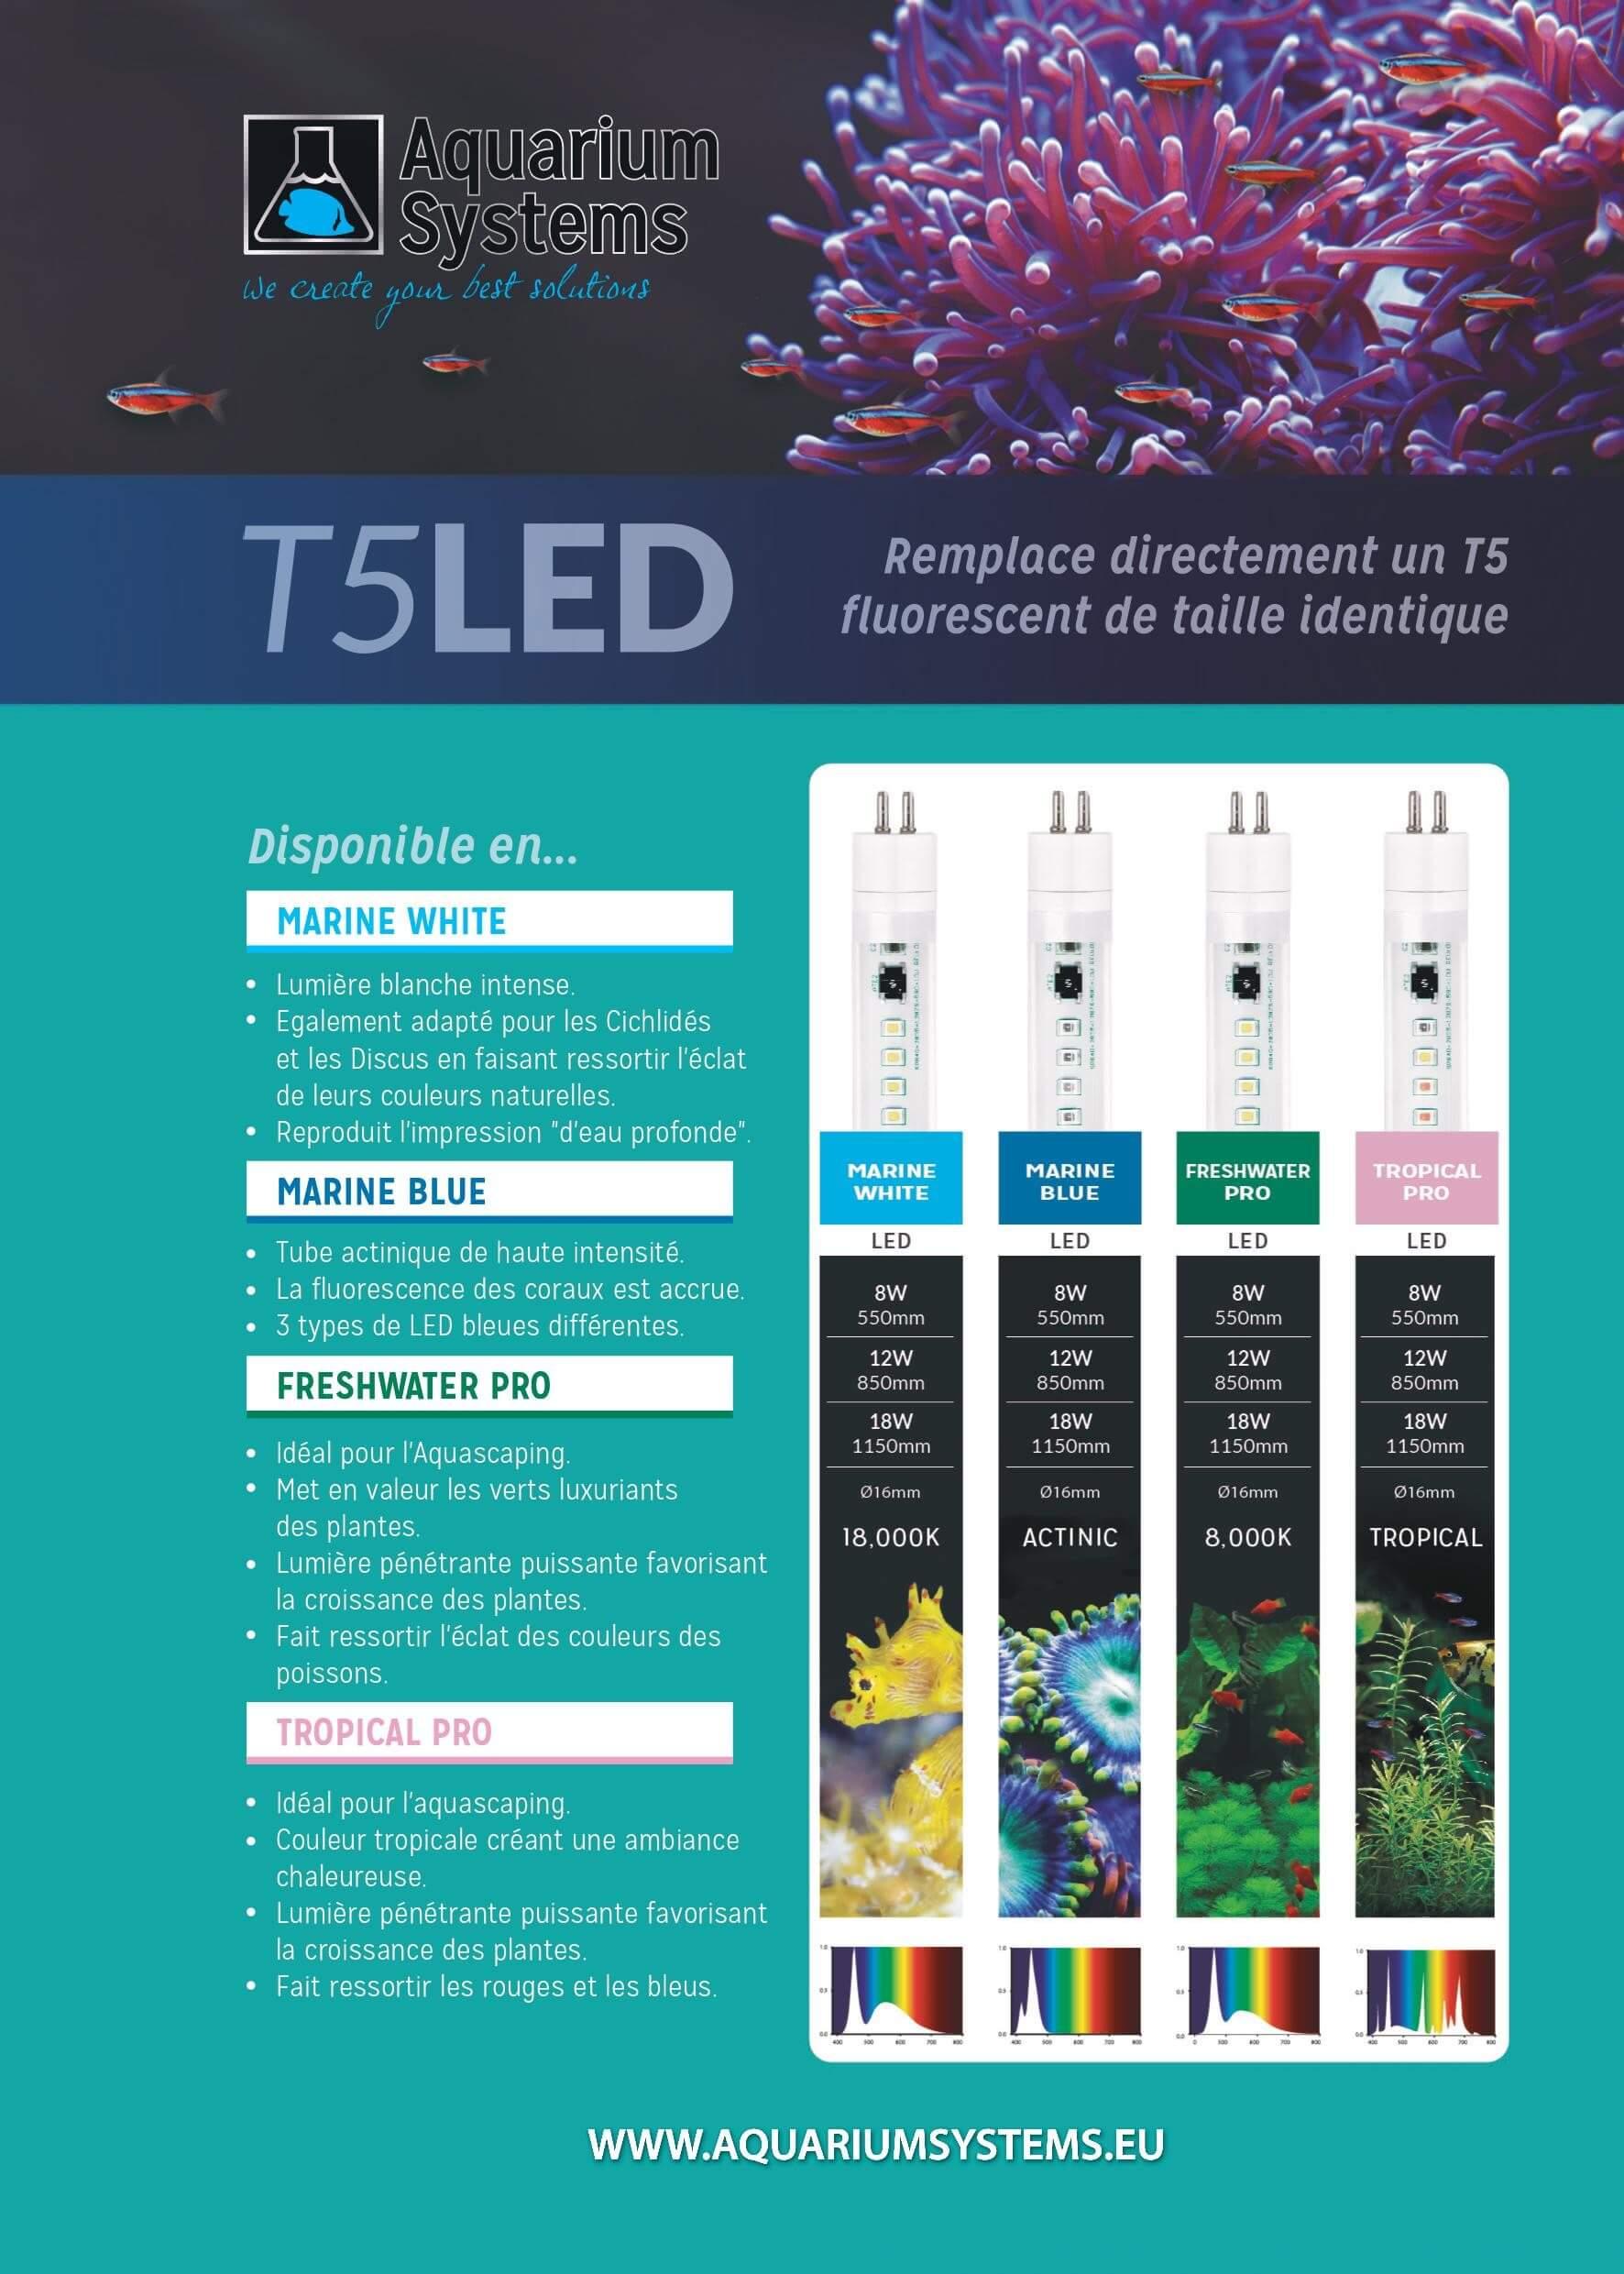 Gamme complète de tubes T5 LED économiques en consommation électrique et efficaces pour votre aquarium